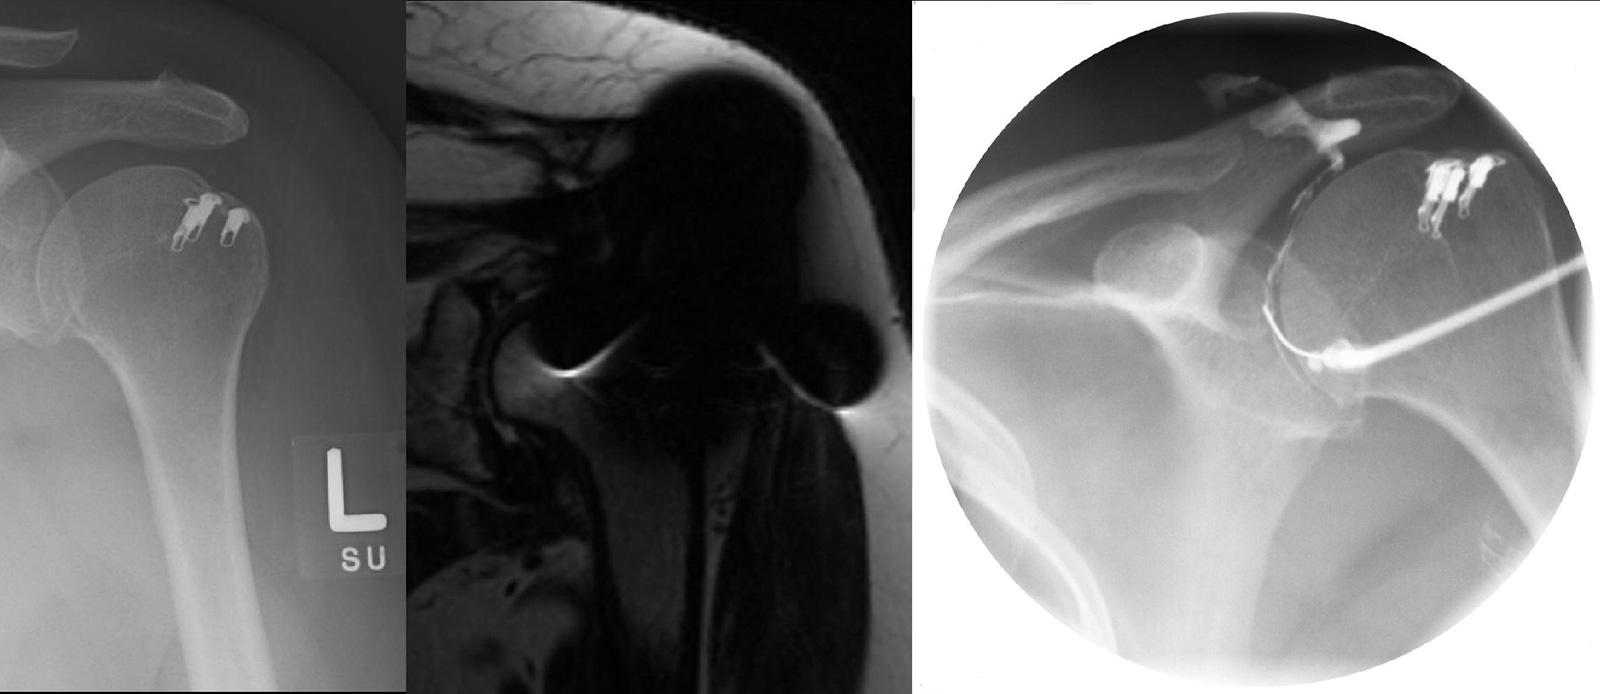 Abb. 2-12: Patient mit einer Rotatorenmanschettenrekonstruktion mit Metall-Nahtankern (A). Die ausgeprägten Artefakte lassen eine Beurteilung des MRT nicht zu (B). Die Reruptur zeigt sich anhand des klassischen Kontrastmittelaustritts in den Subacromialra